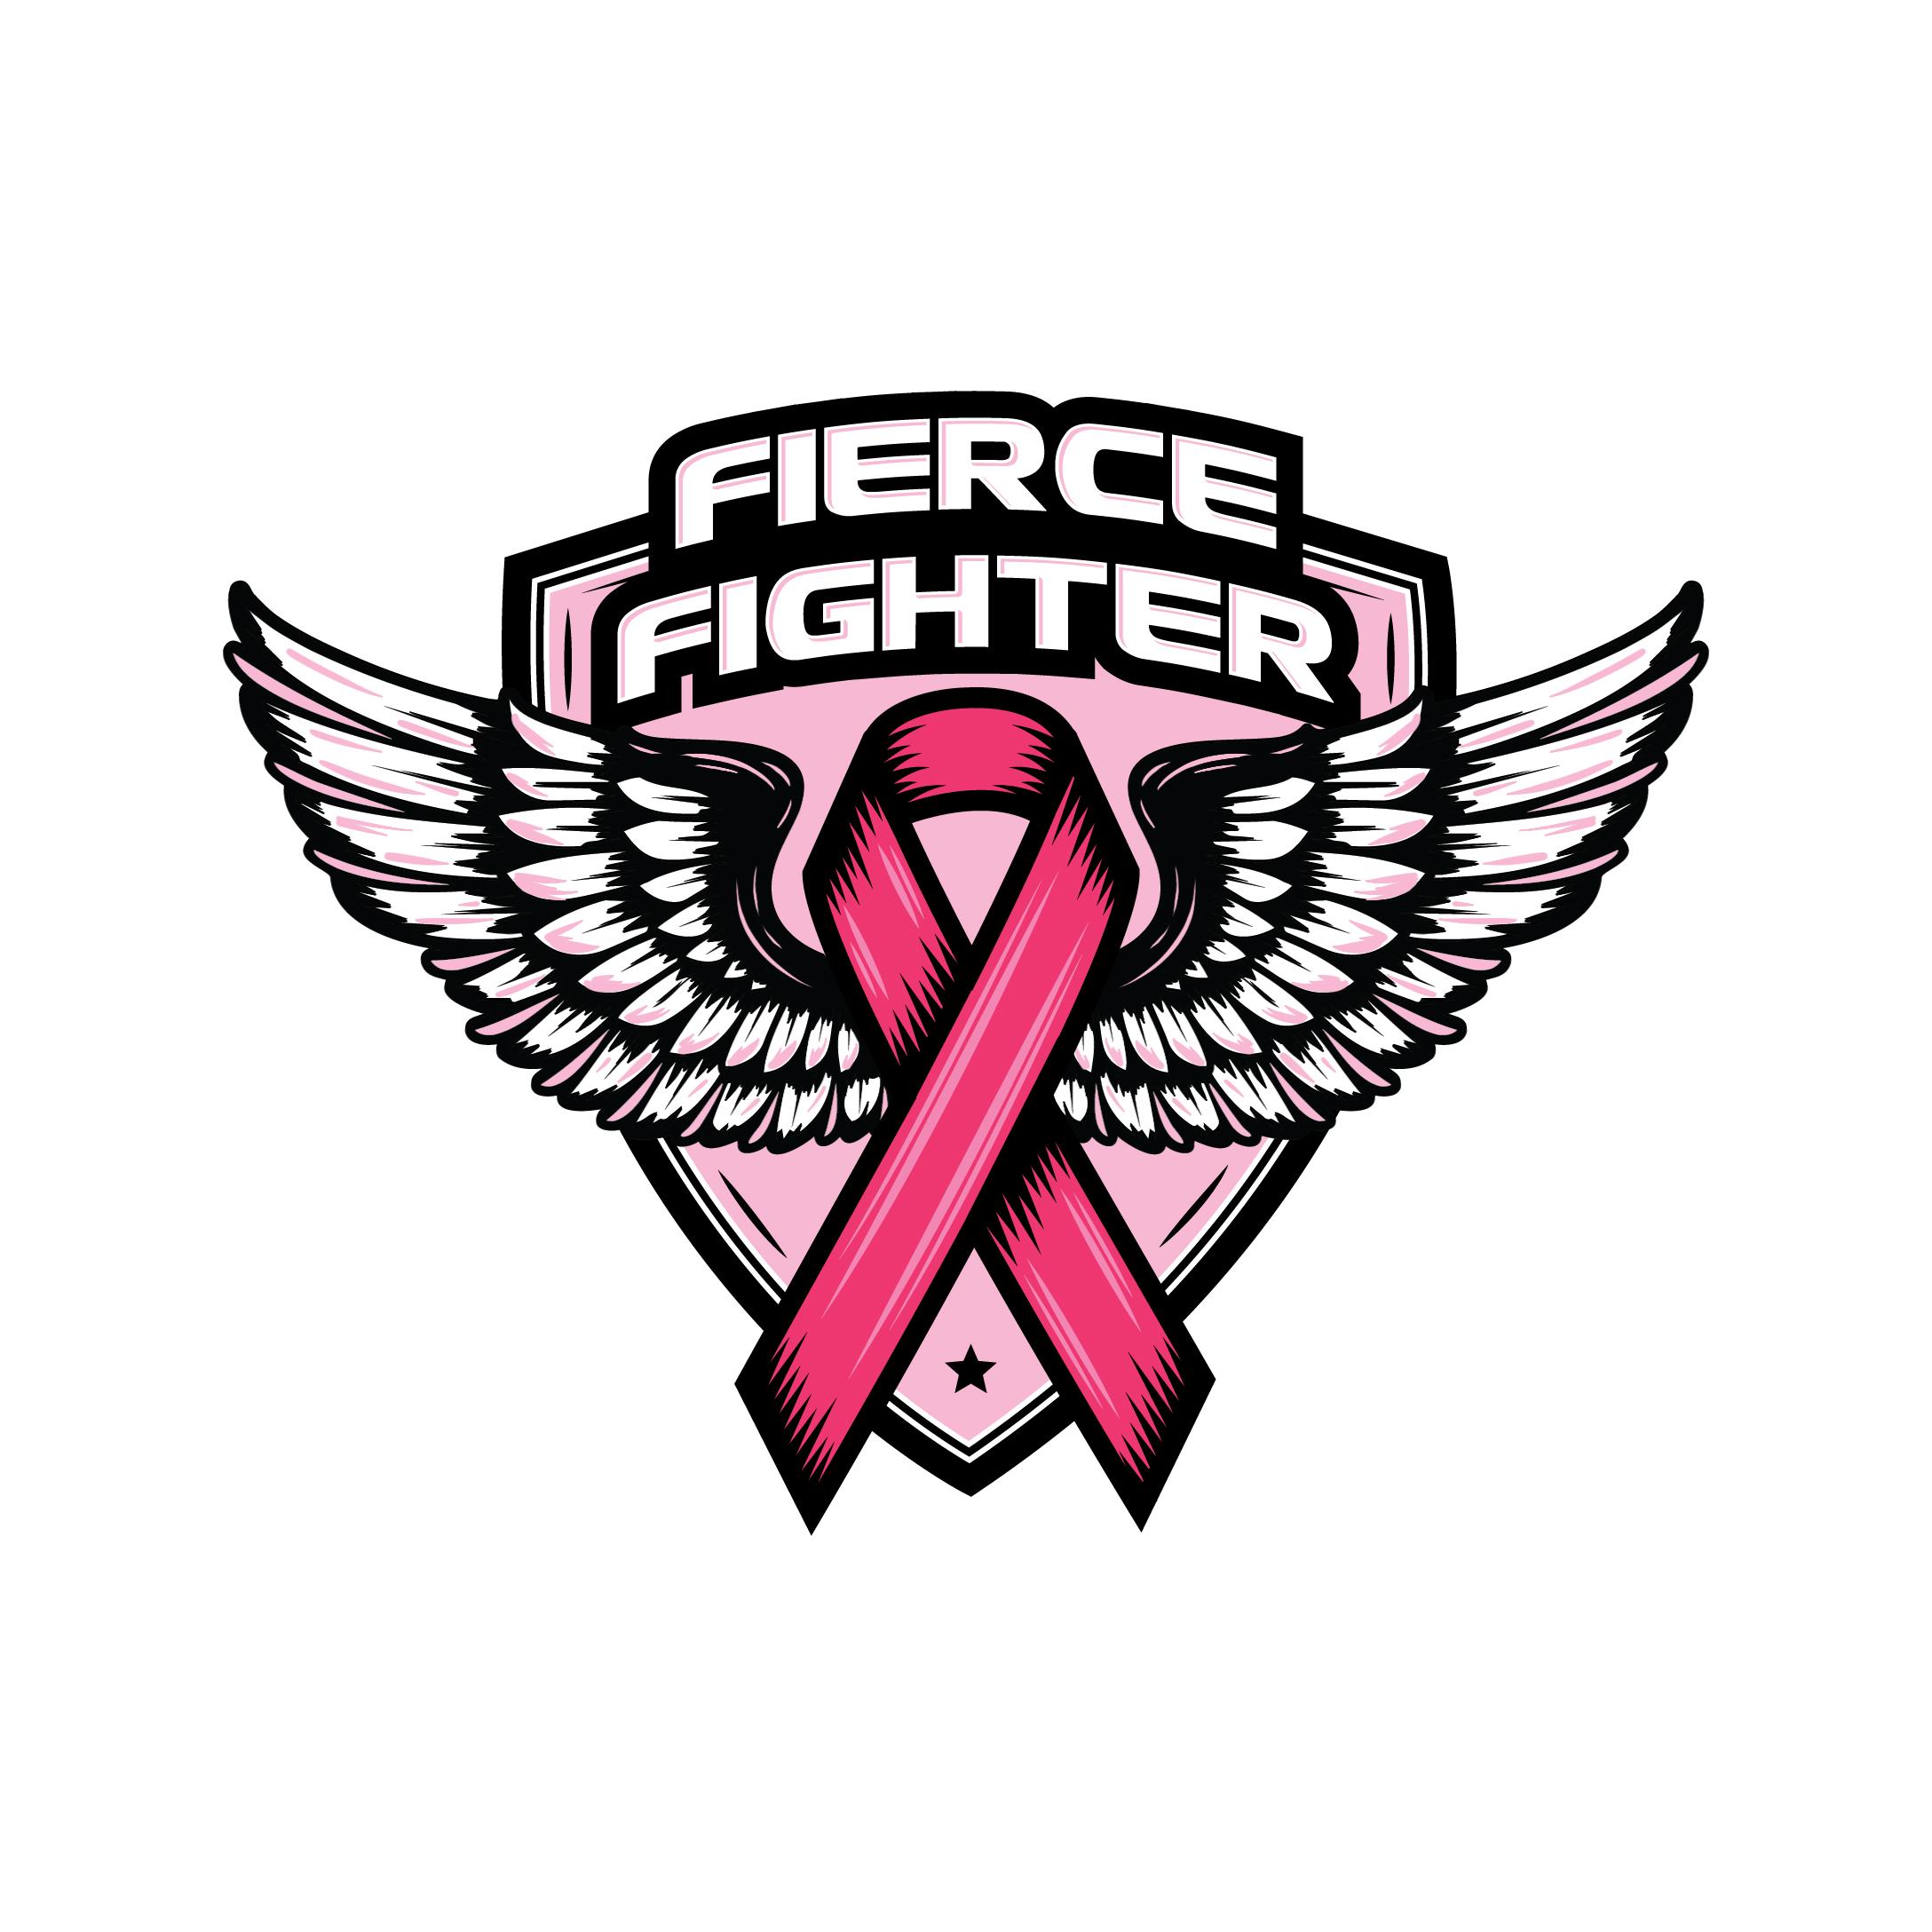 Fierce Fighter Badge